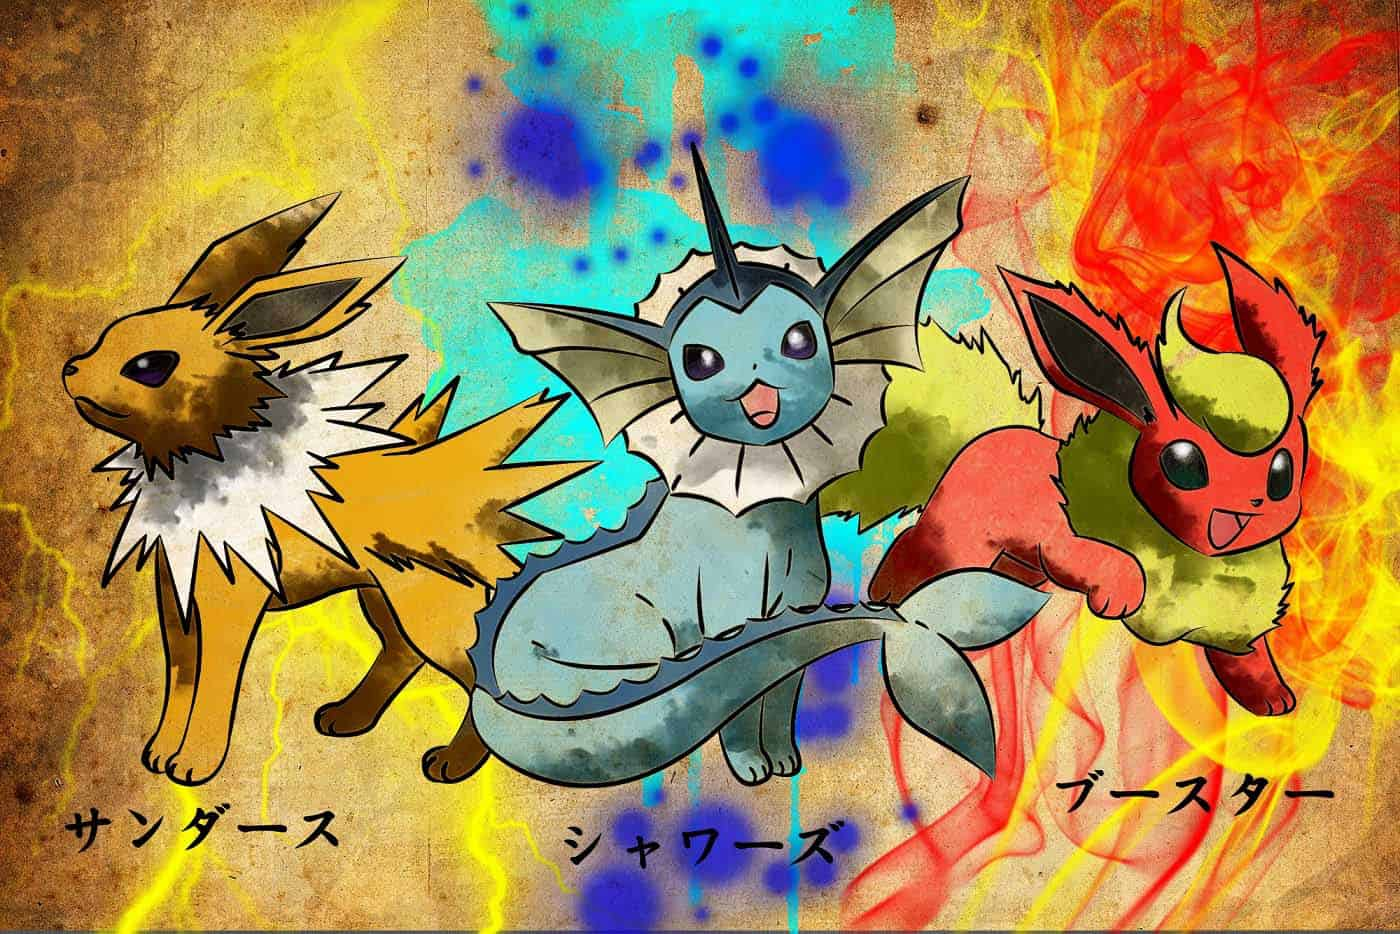 pokemon-go-vaporeon-jolteon-flareon